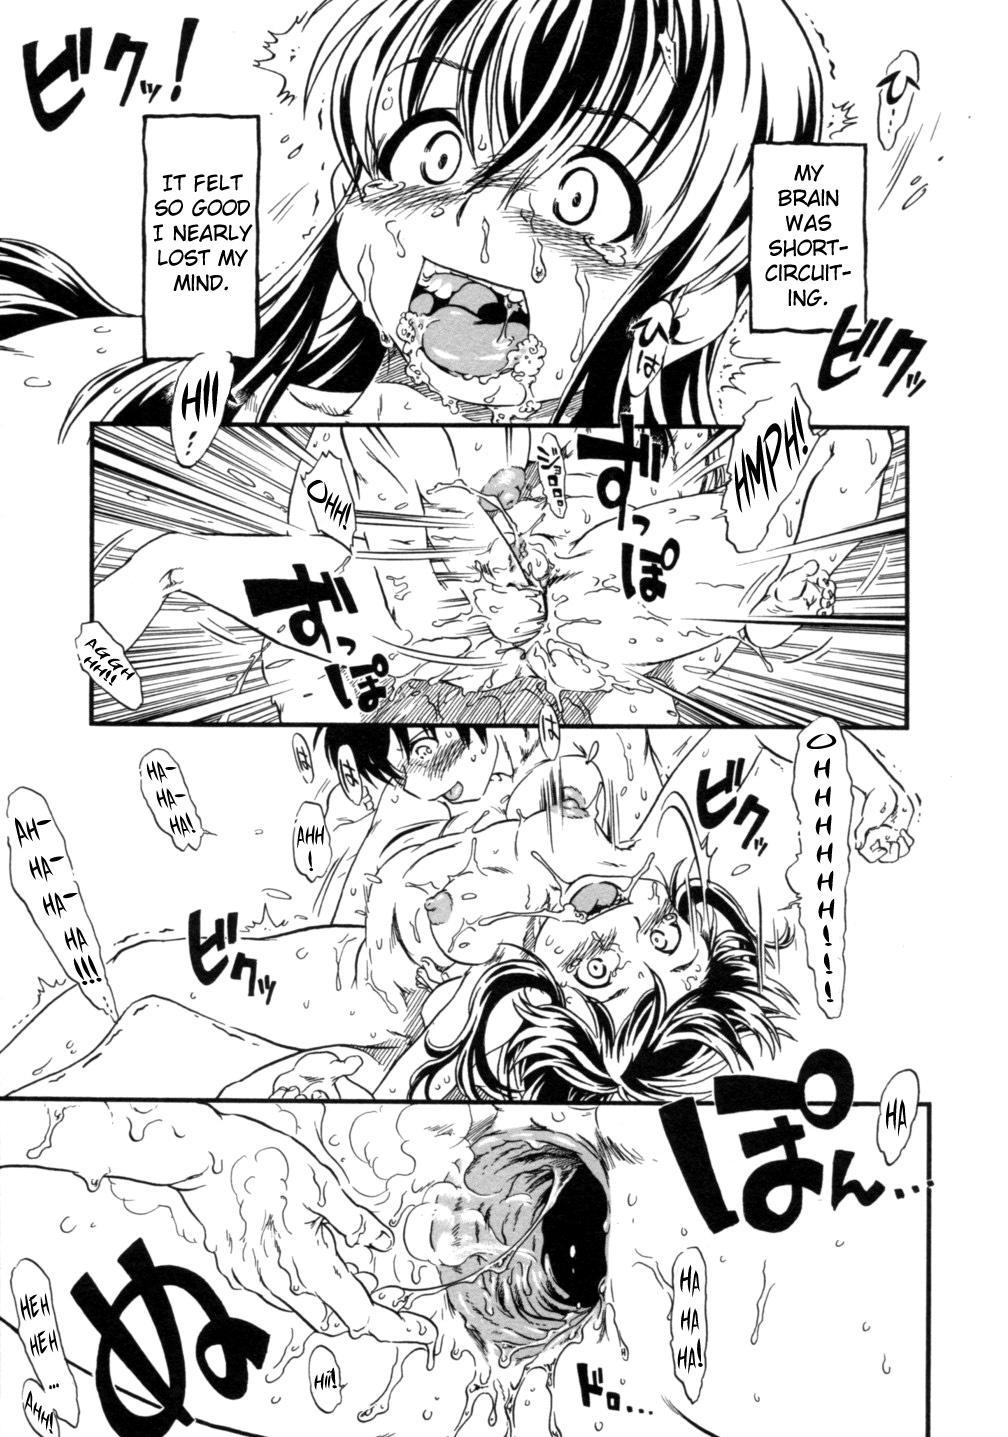 [Anthology] Do Not Peep 2 (Nozoite wa Ikenai 2) Ch. 1-4 [English] [Chocolate] 56